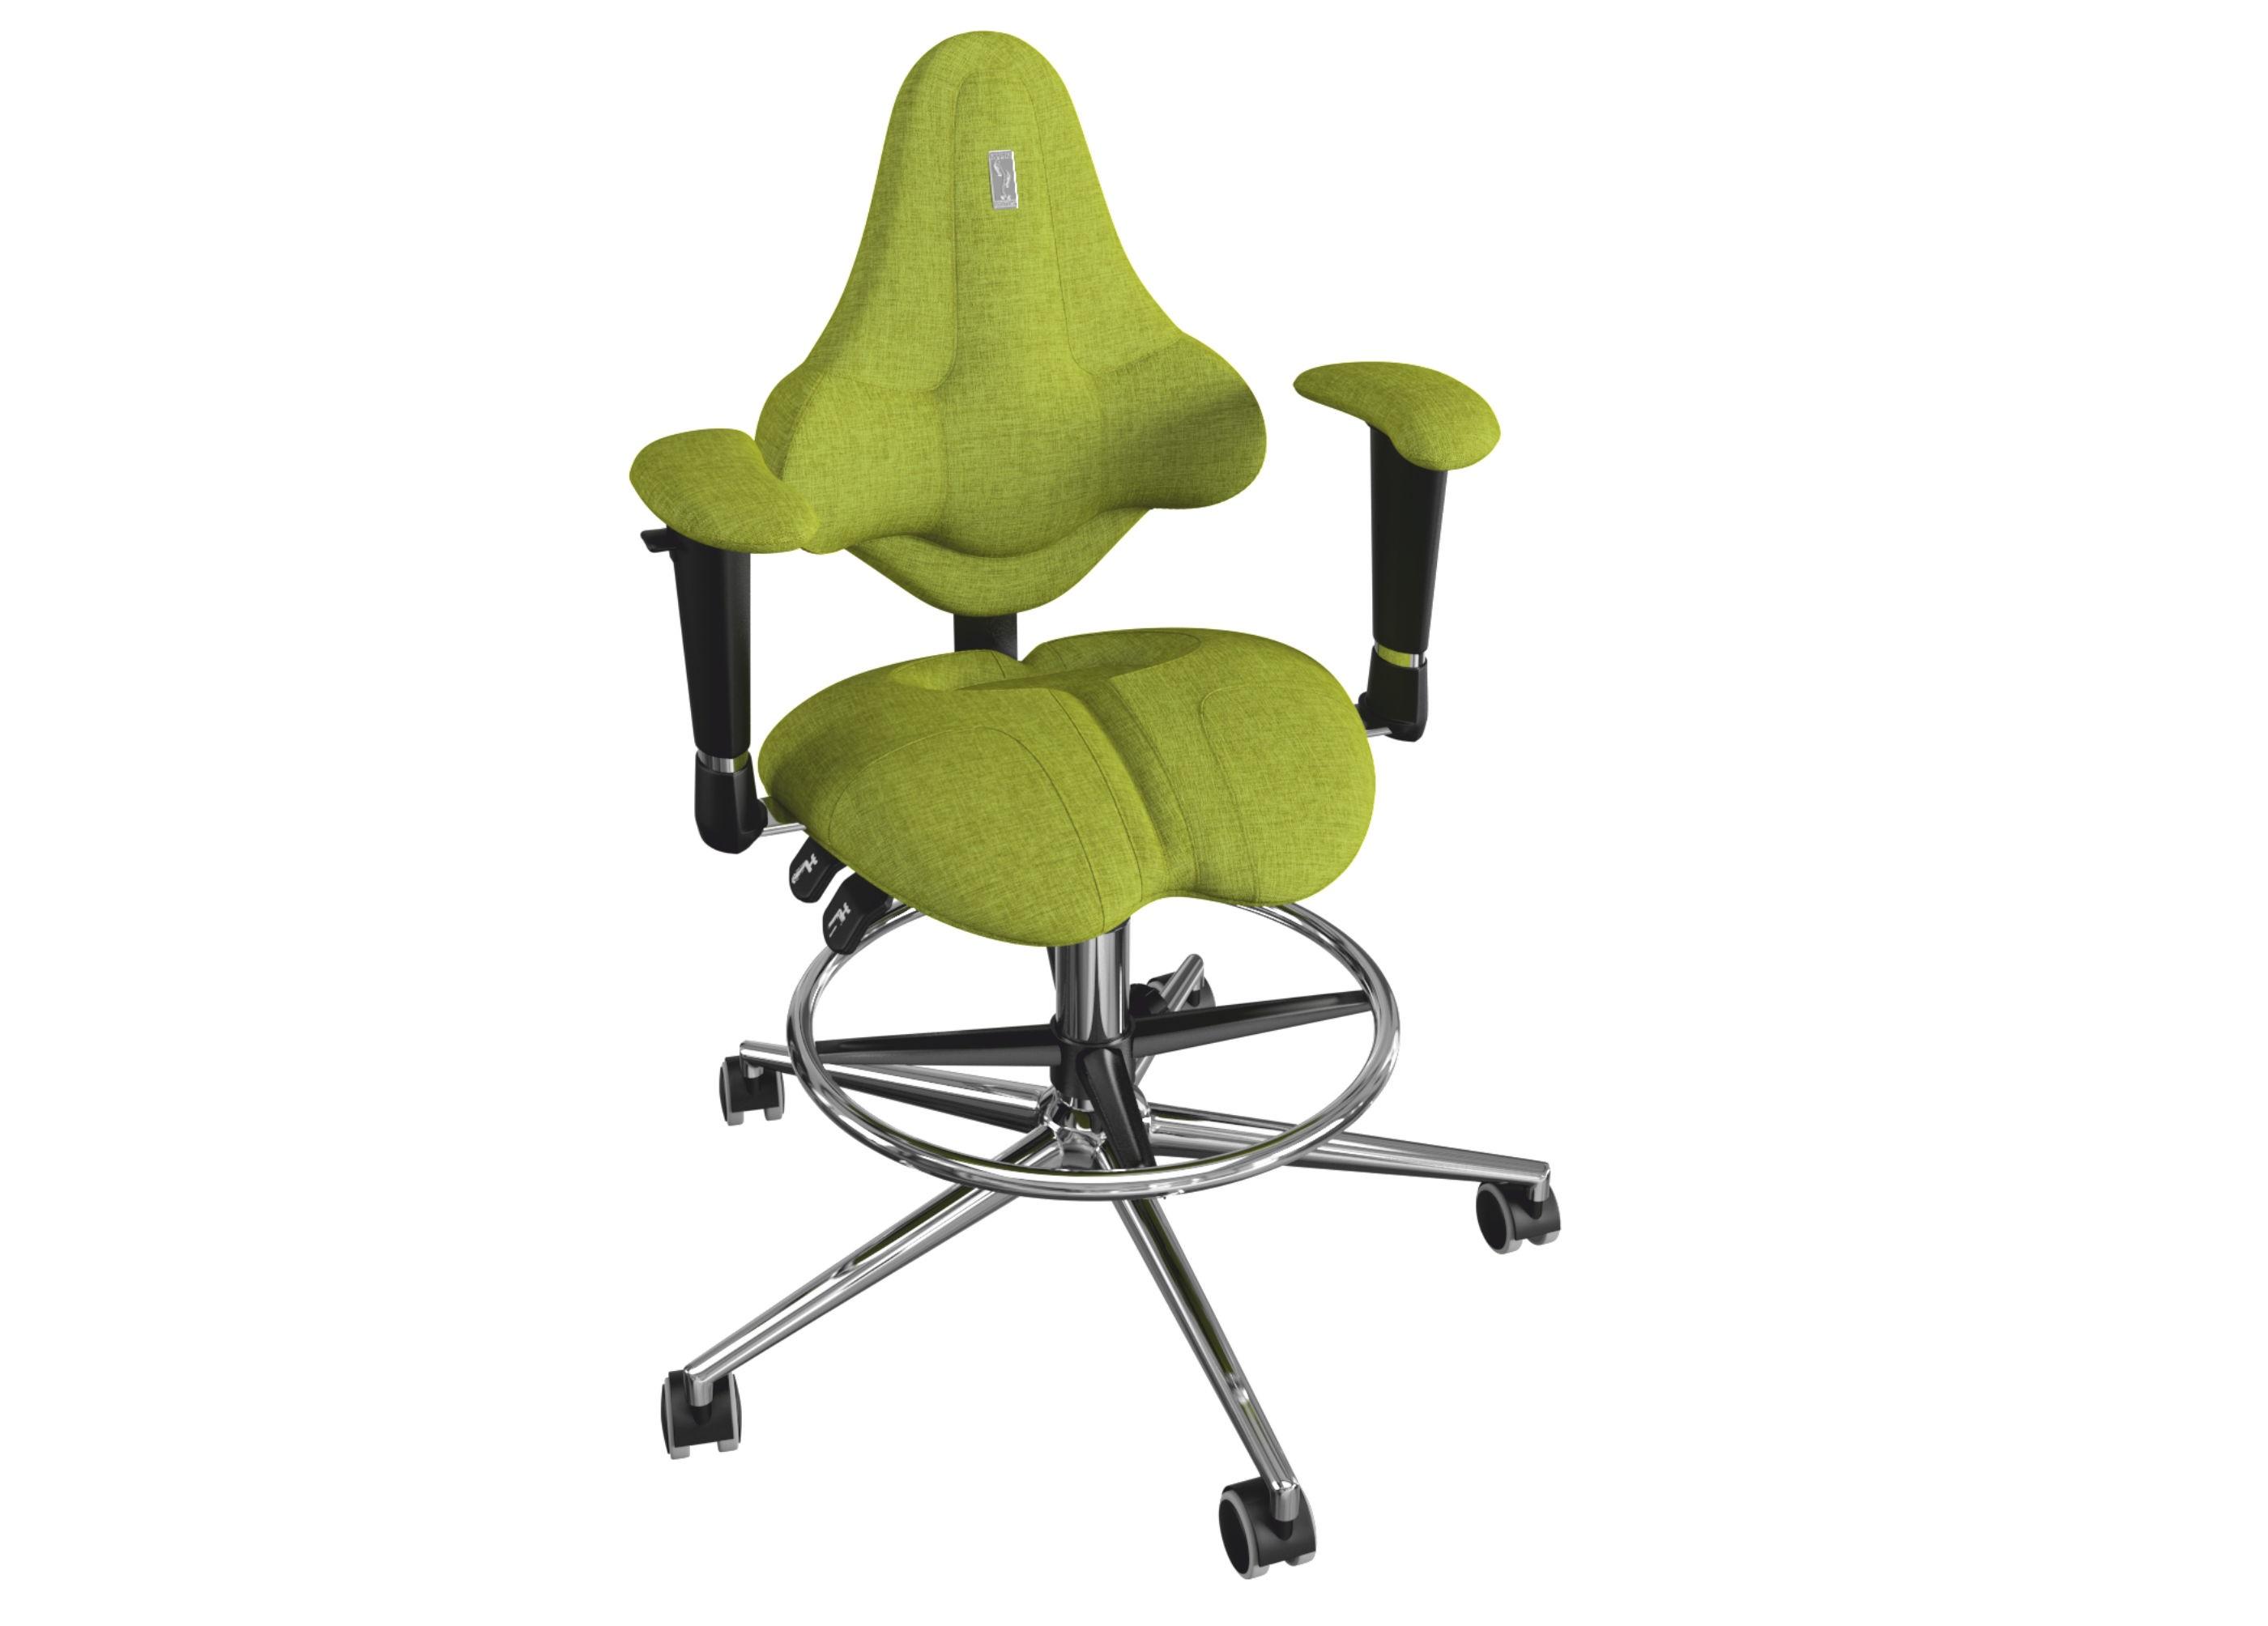 Кресло KIDSРабочие кресла<br>Профильная модель кресла для детей отлично подойдет для самых активных и непоседливых ребятишек. Такое кресло сбережет осанку ребенка и приучит ваше чадо заботиться о своем здоровье с раннего детства. В кресле KIDS ребенок почувствует себя настоящим чемпионом по здоровью!&amp;amp;nbsp;<br><br>Material: Текстиль<br>Ширина см: 62<br>Высота см: 100<br>Глубина см: 44